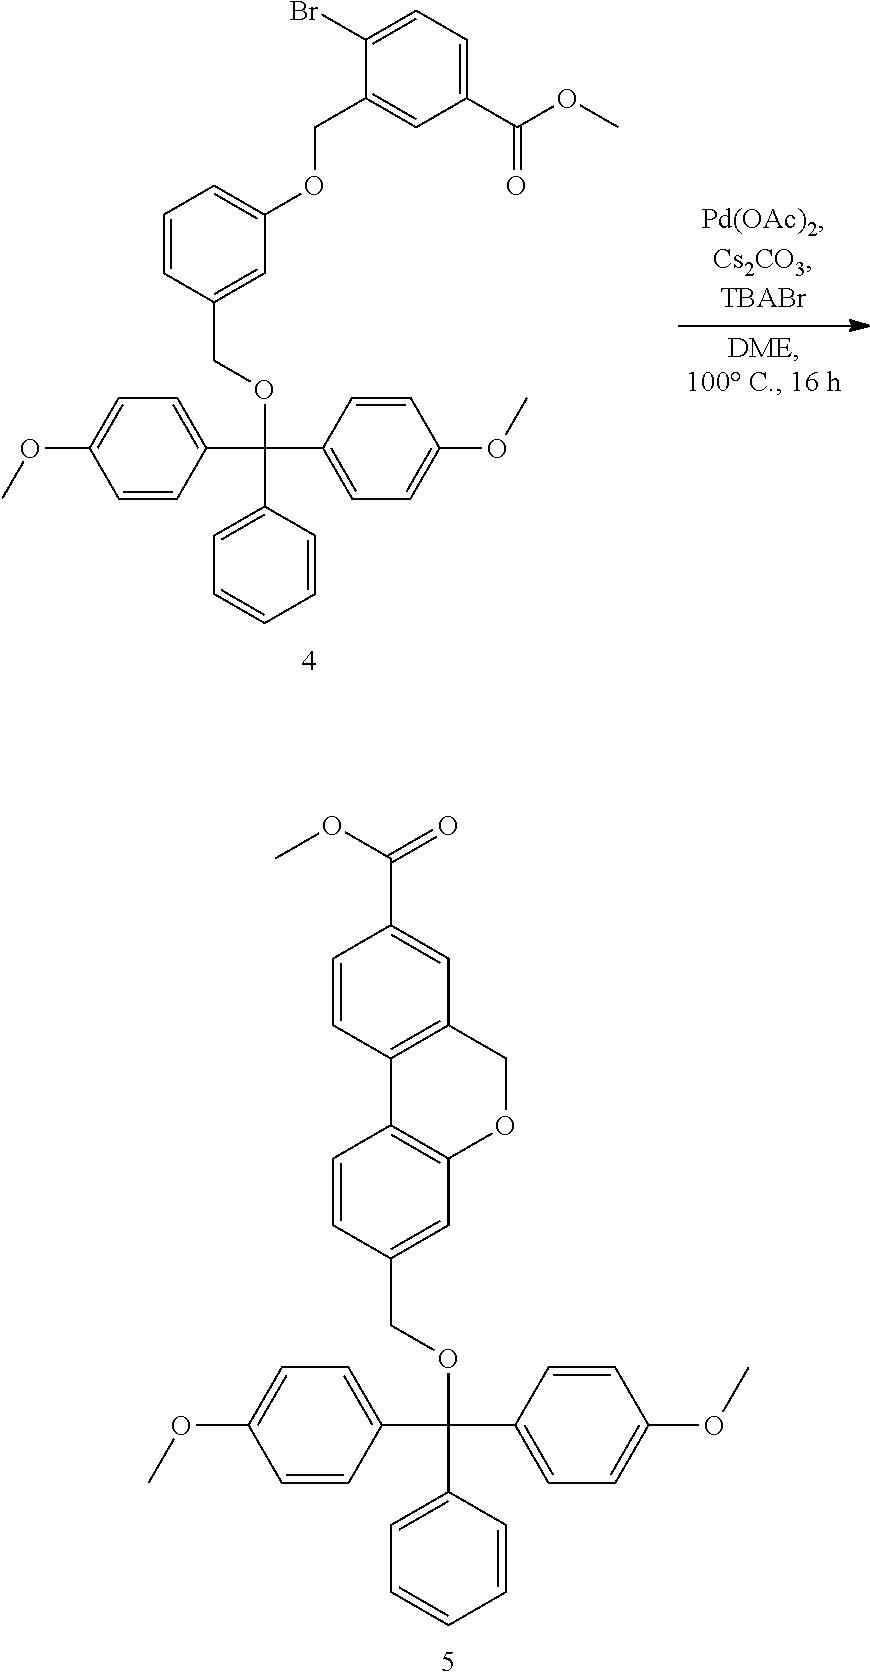 Figure US09988627-20180605-C00346